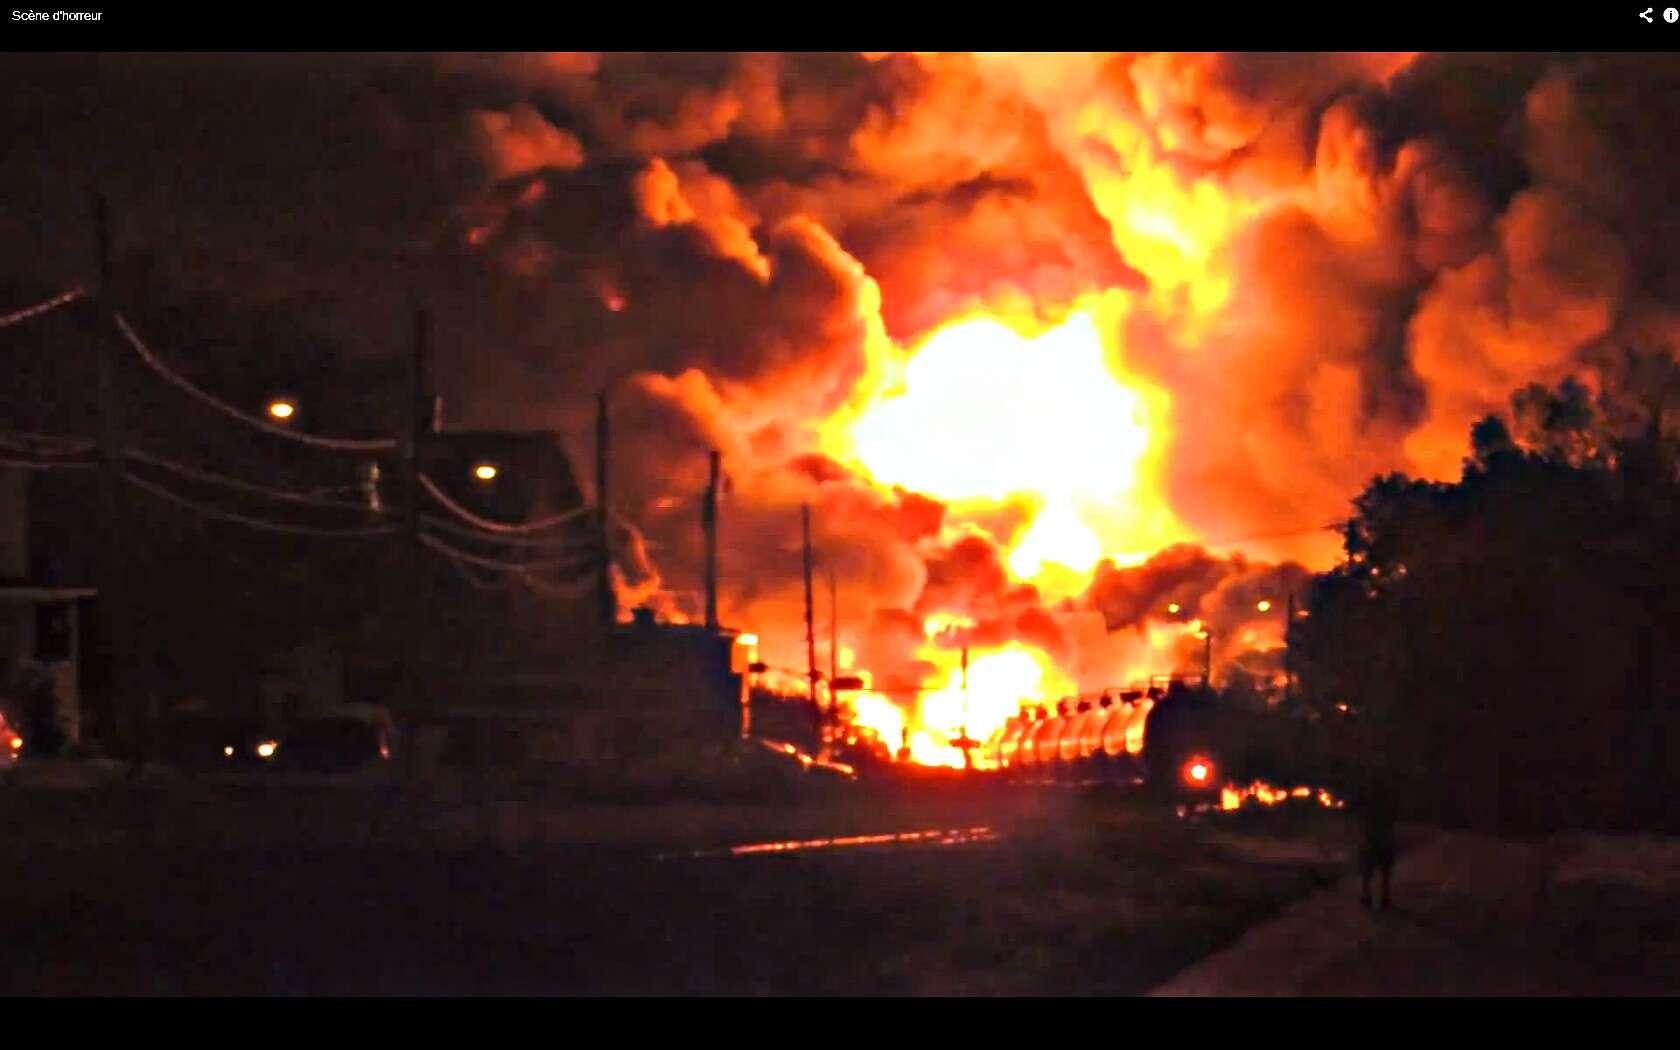 Au Québec, entre Nantes et Lac-Mégantic, le train n'avait plus de freins et a déraillé après avoir pris trop de vitesse. Il charriait 72 wagons de pétrole, et a explosé à un passage à niveau. © Capture d'écran, Anne-Julie Hallée, YouTube